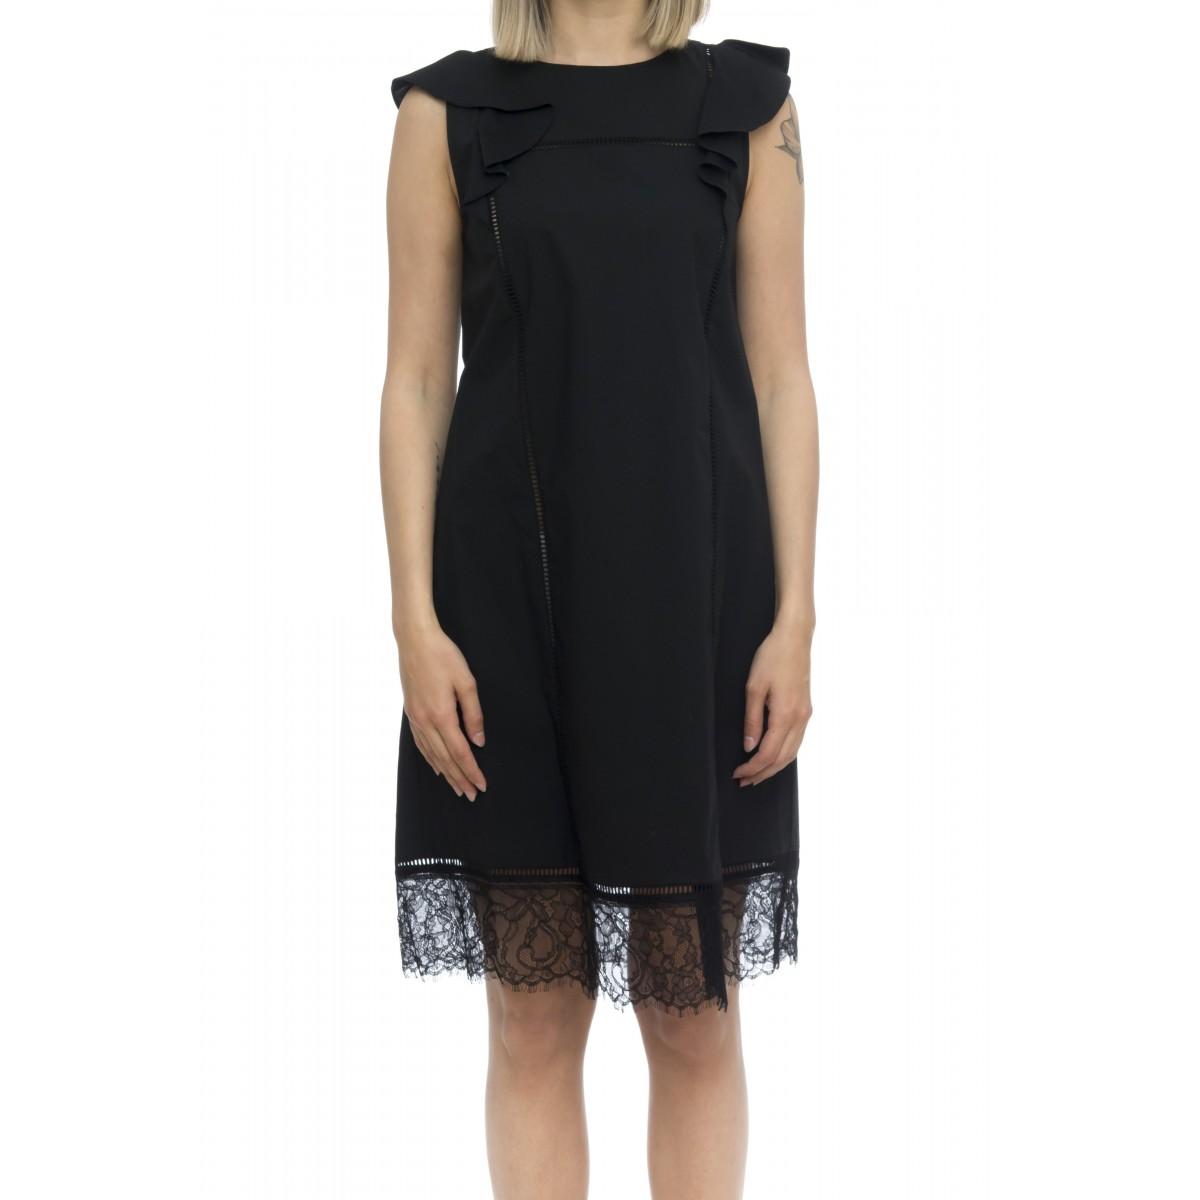 Vestito - 2246 vestito cotone senza manica